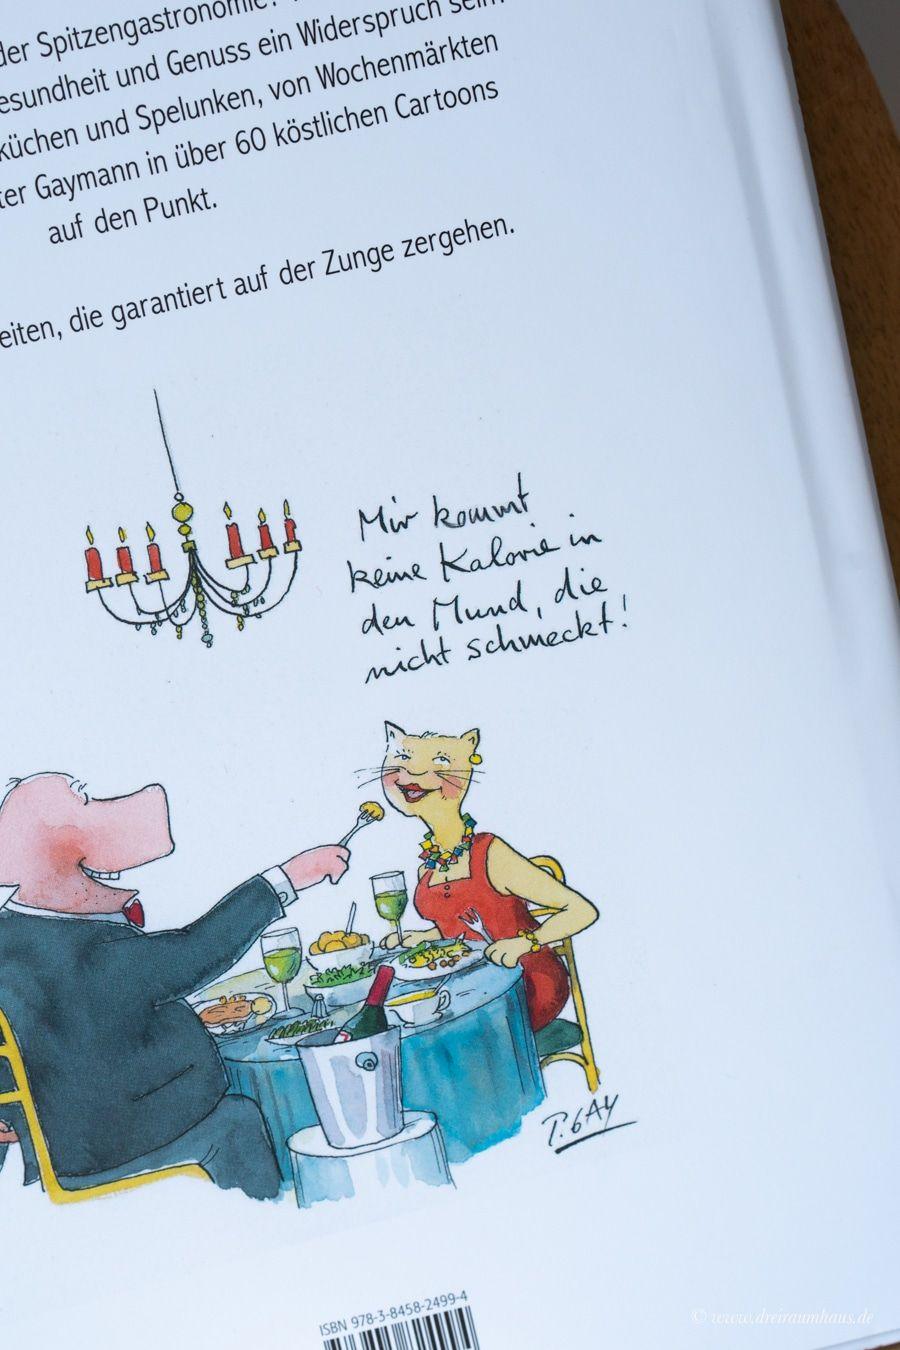 Das Leben ist kurz für schlechtes Essen und ein Schokokuchen mit Salzbrezeln für Glück im Bauch! Trüffelschweine & Naschkatzen von Peter Gaymann!